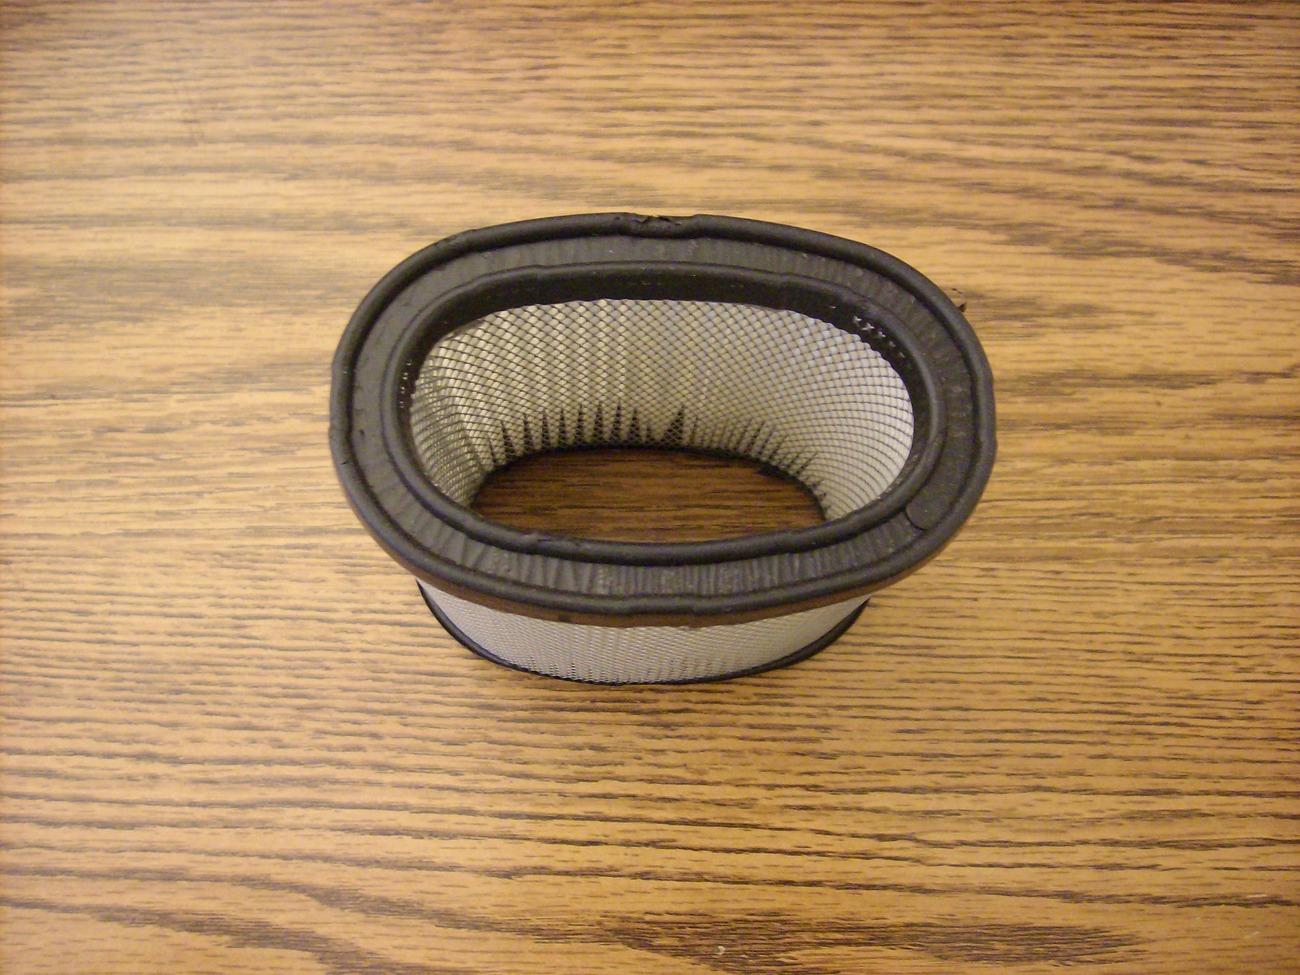 Onan 125V, Toro air filter 140-2331, 140-2535, 140-2588, 140-3111, NN10872